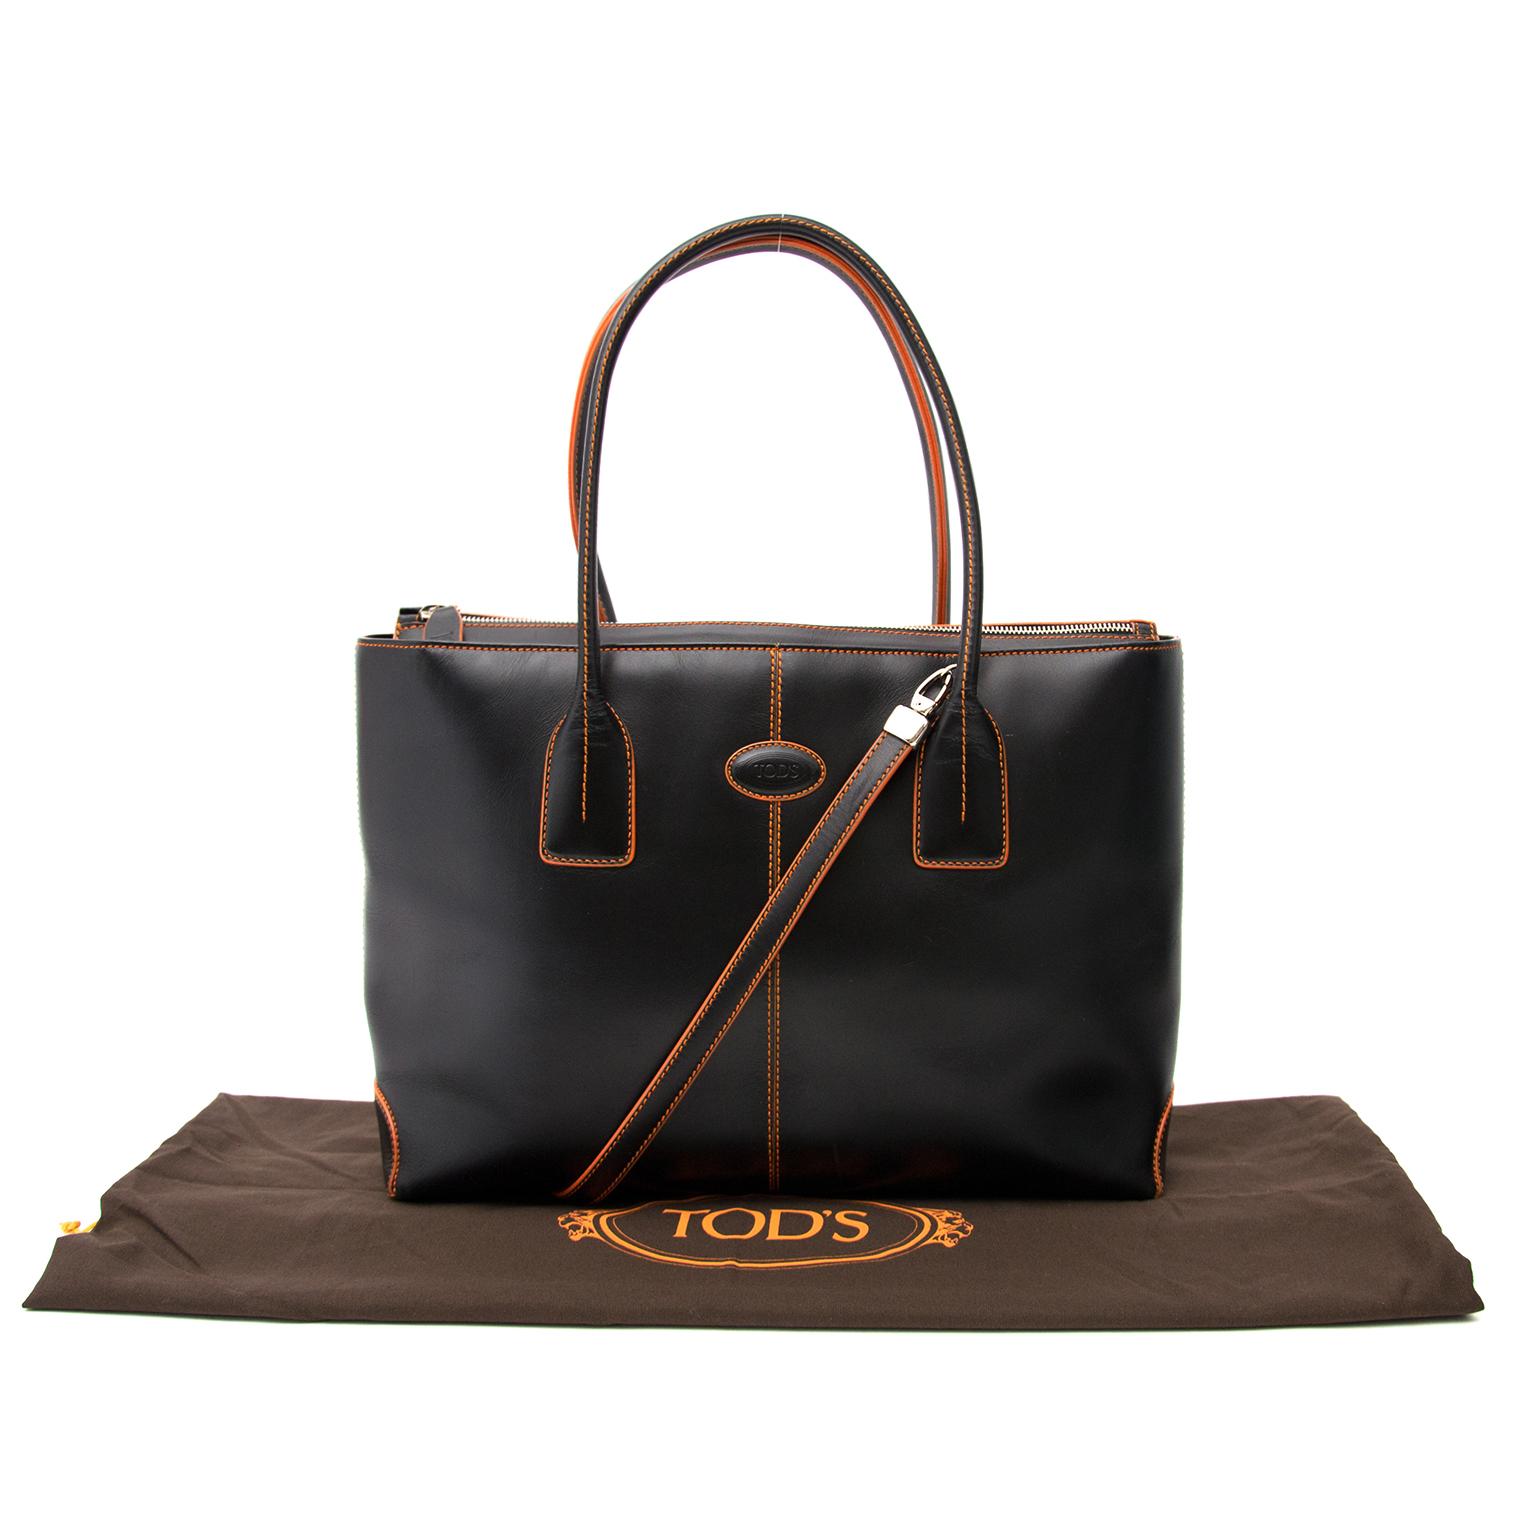 Tod's schoudertas zwart orange nu online bij labellov.com tegen de beste prijs